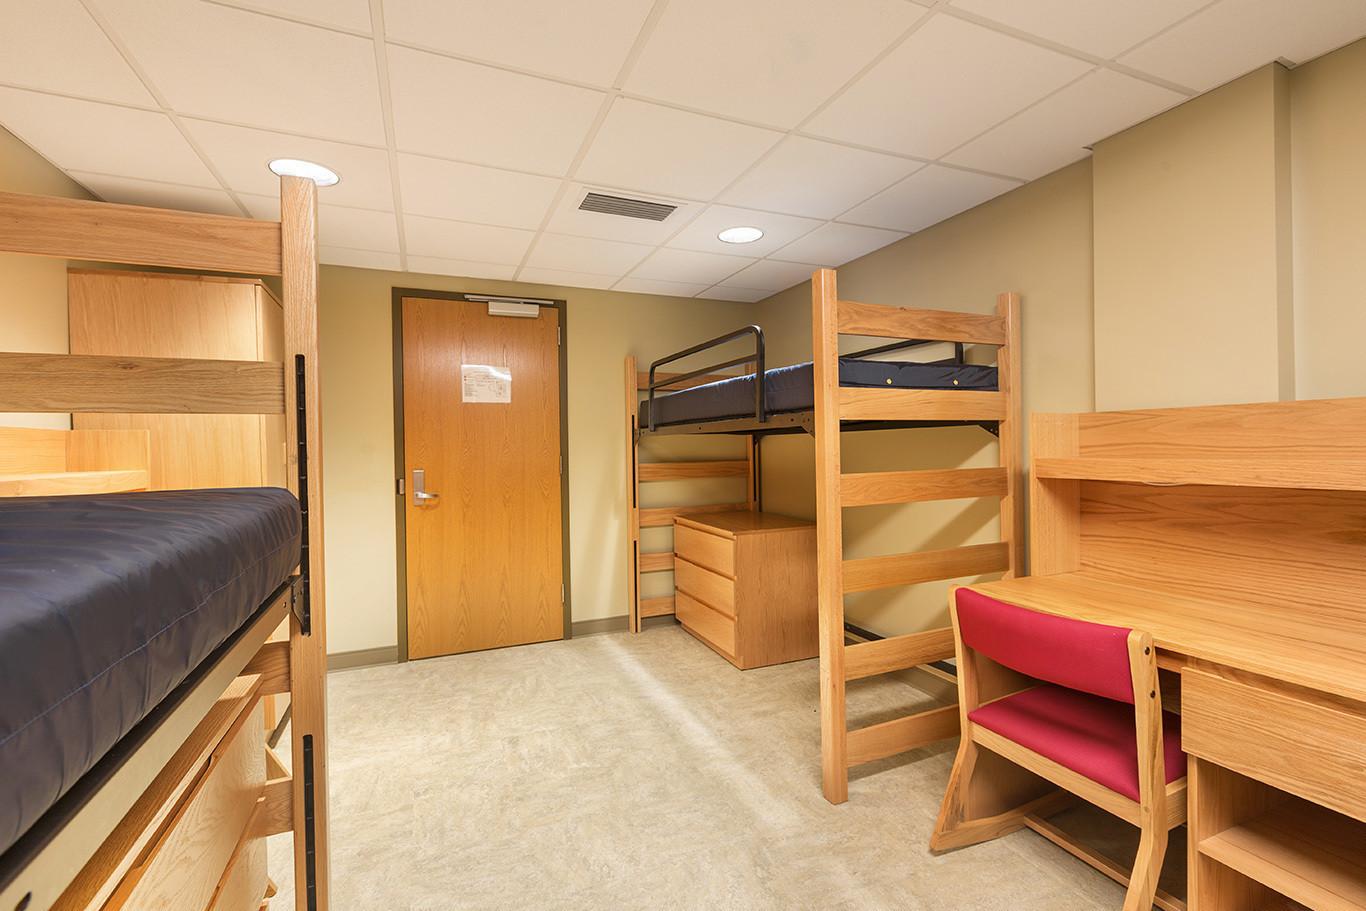 berea-bingham-hall-dorm-room